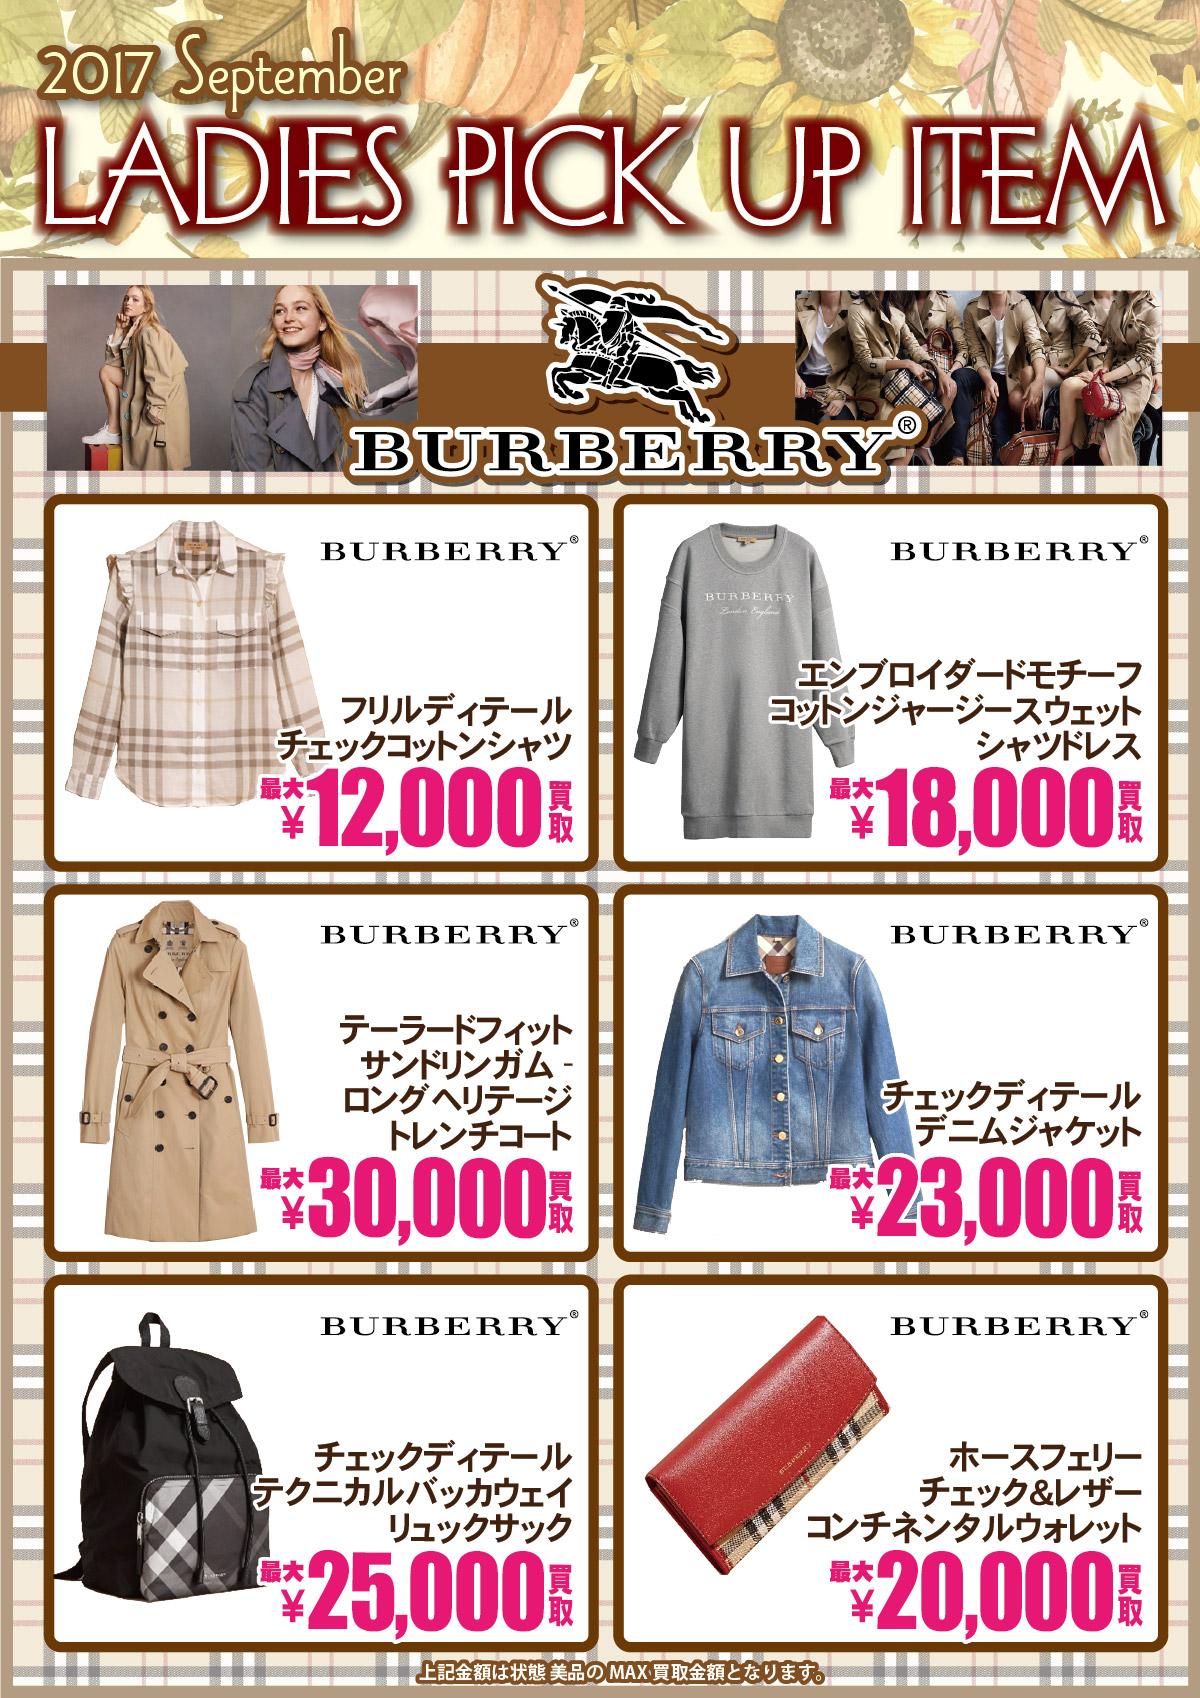 「開放倉庫山城店」古着館<2017.09>レディースピックアップアイテム!BURBERRY